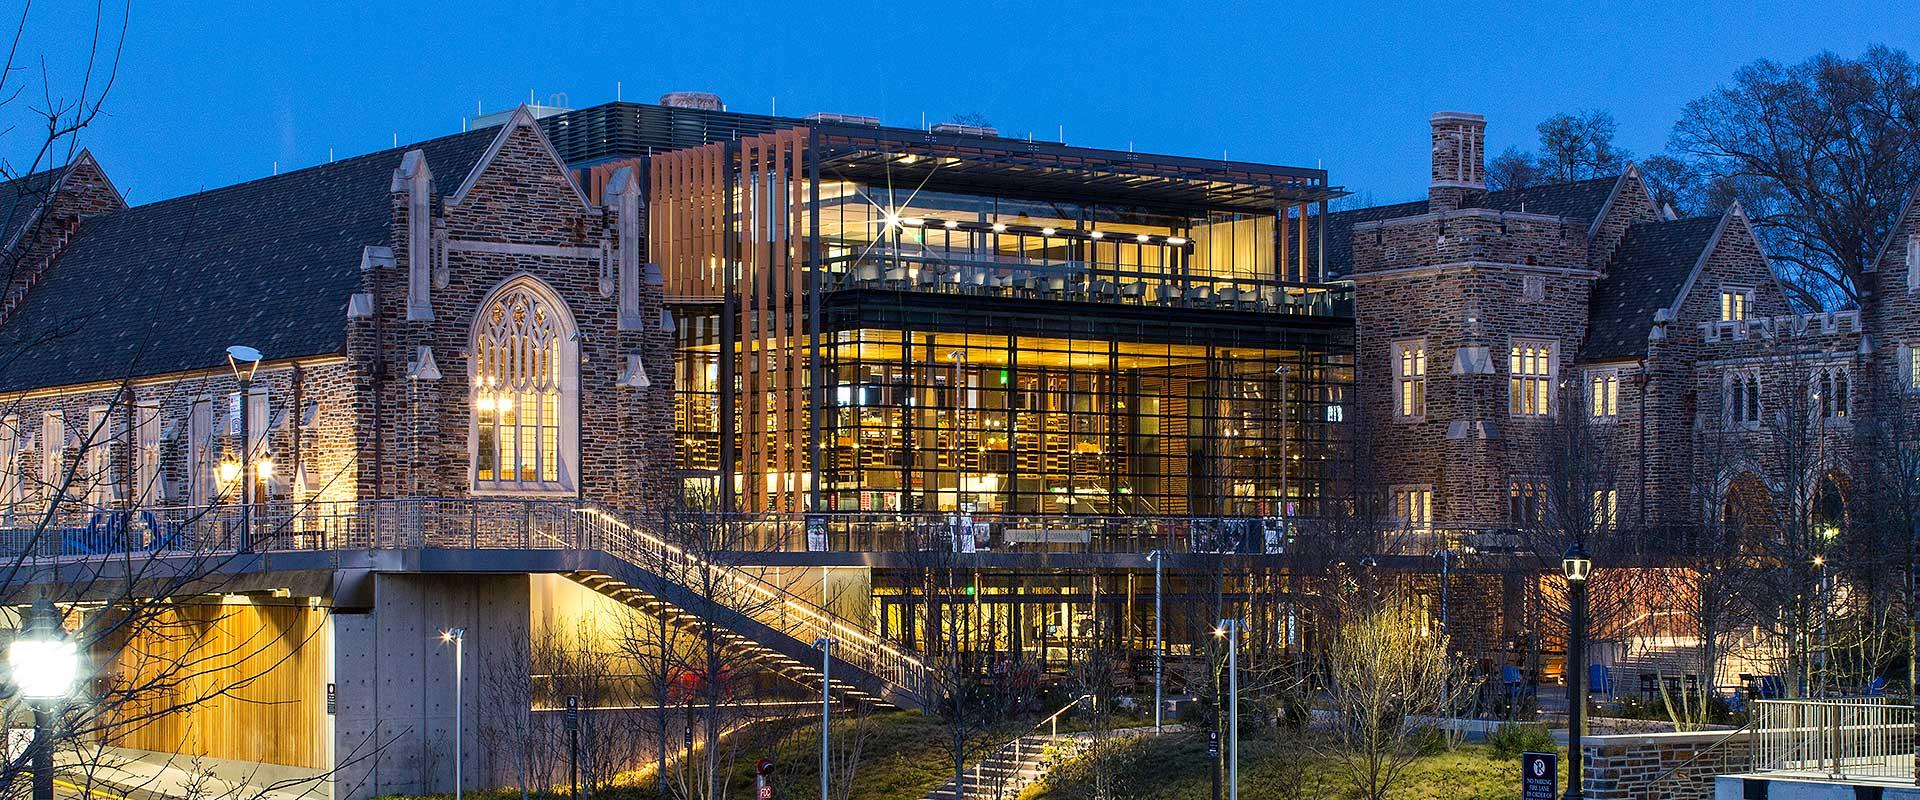 Duke University West Campus Union Shickel Corporation